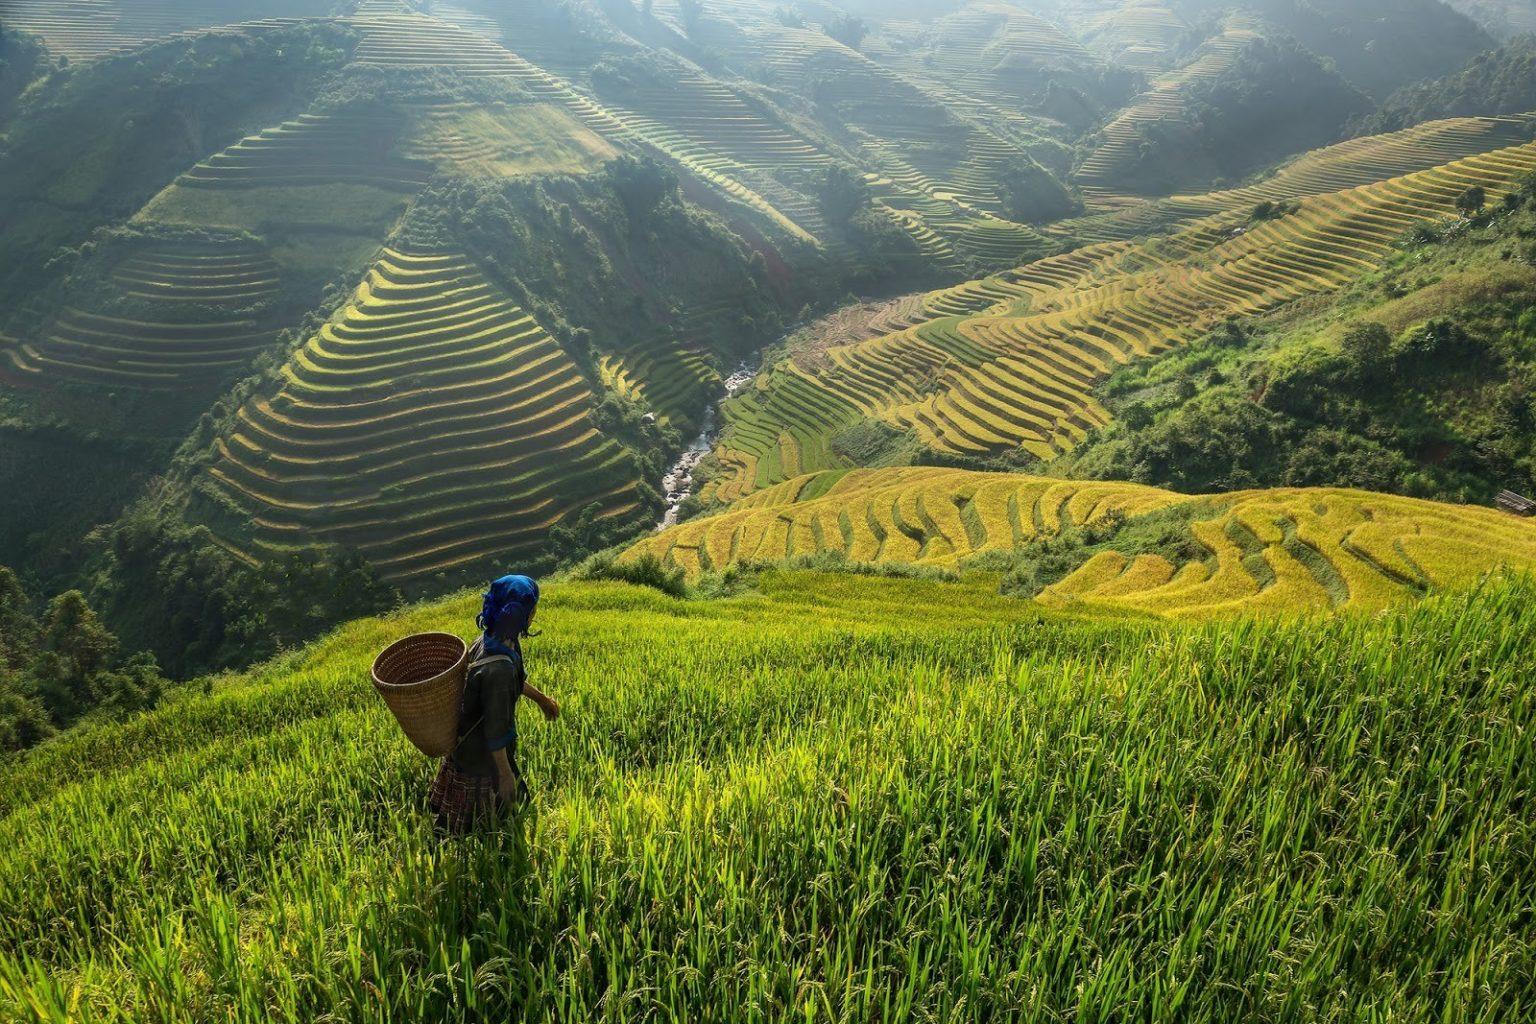 В будущем человечество может лишиться значительной части риса